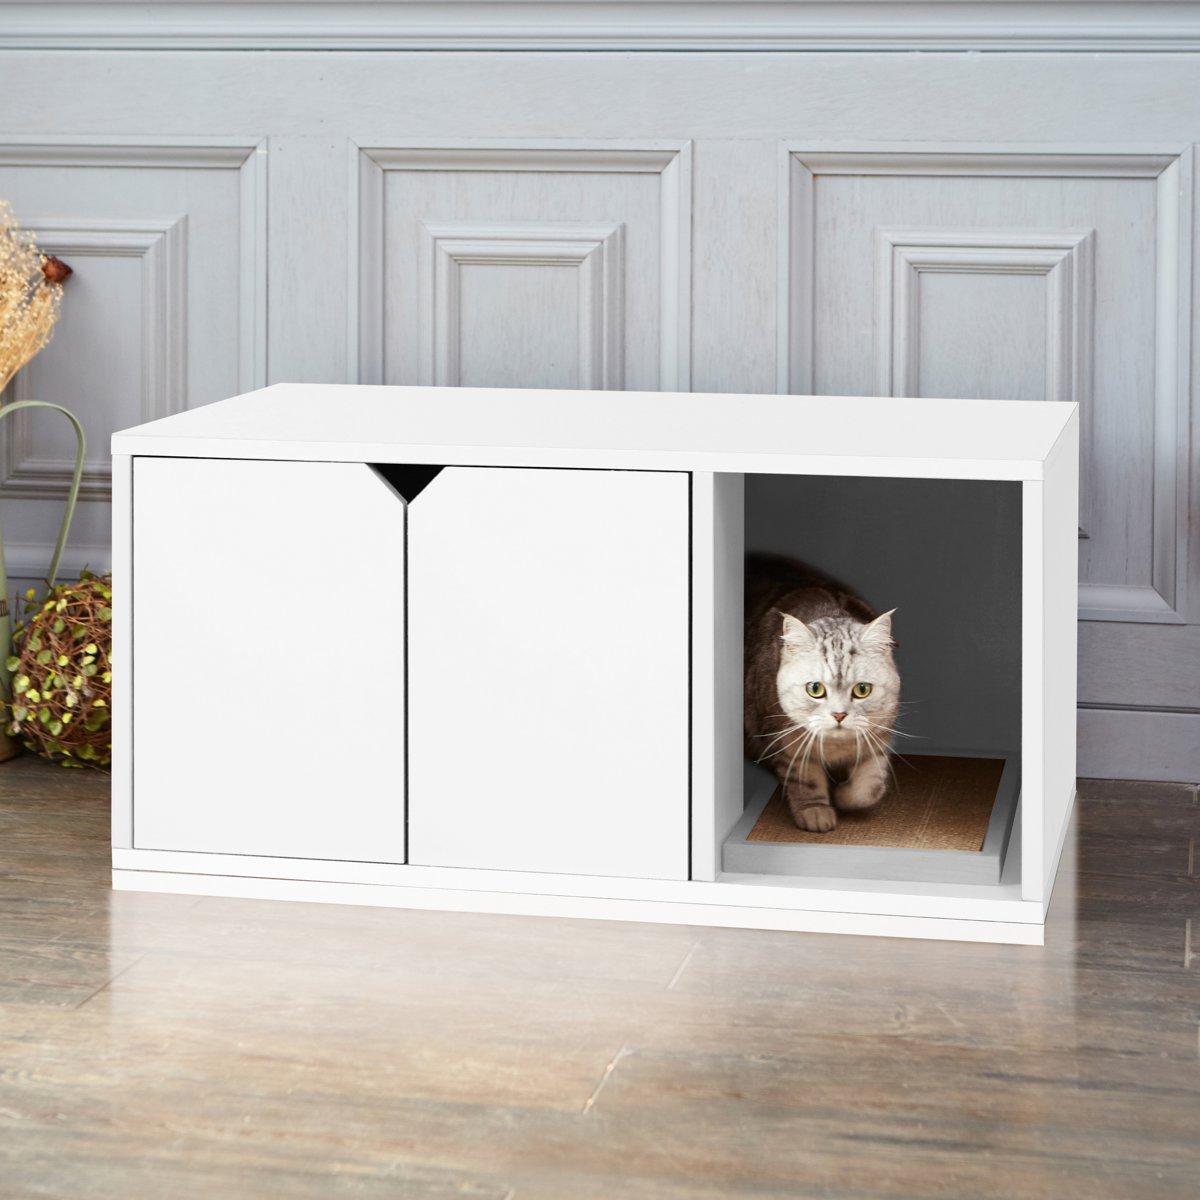 Way Basics Duurzame Kattenbak Wit